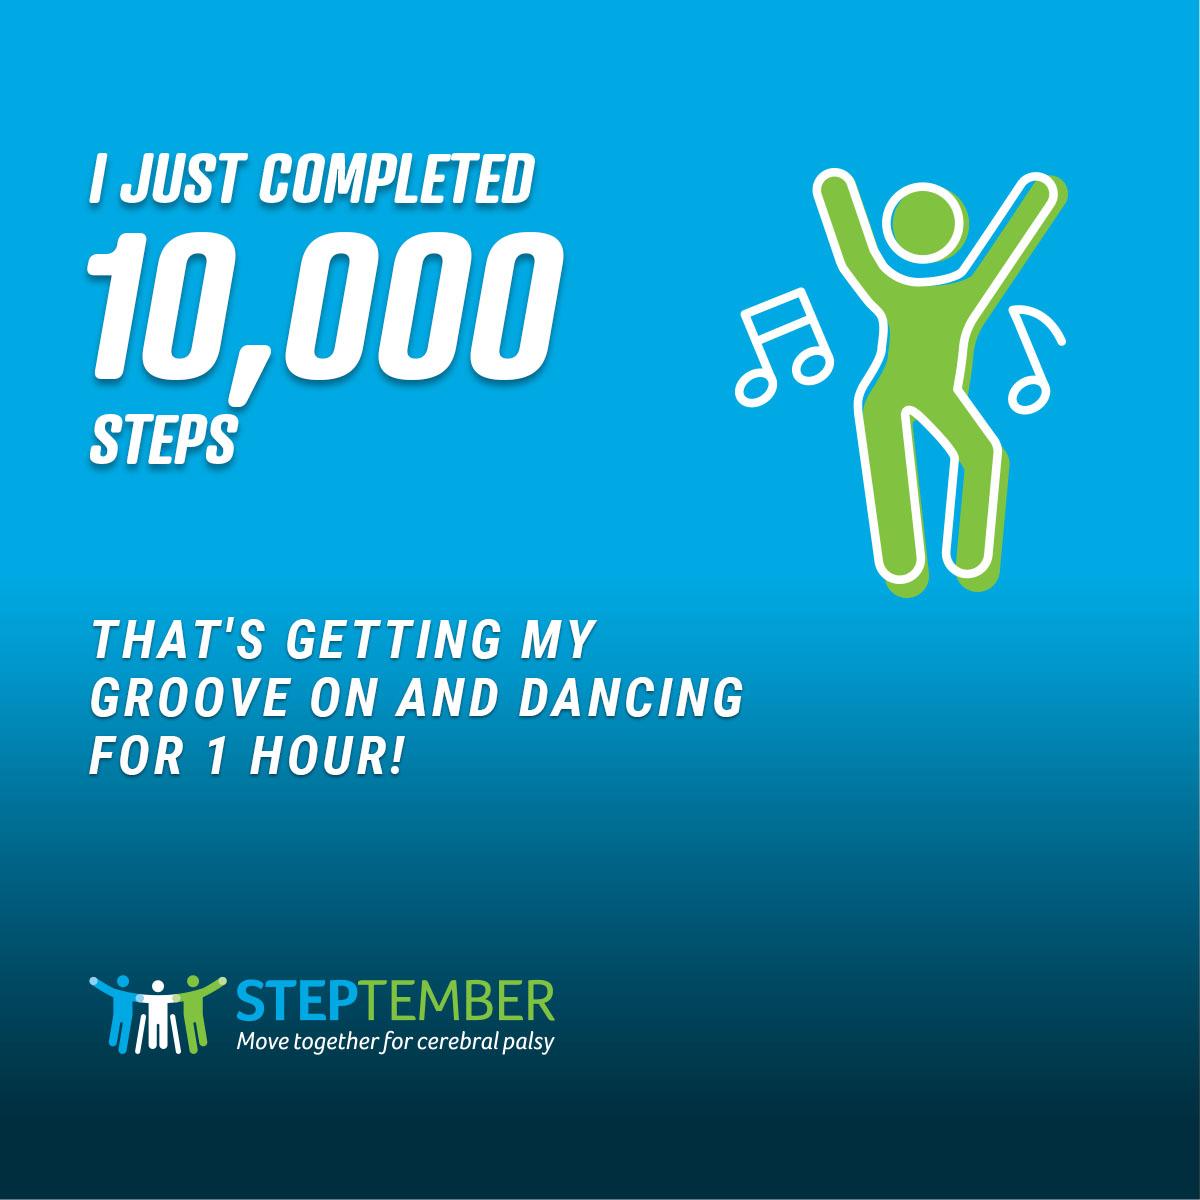 Social Post - 10,000 Steps